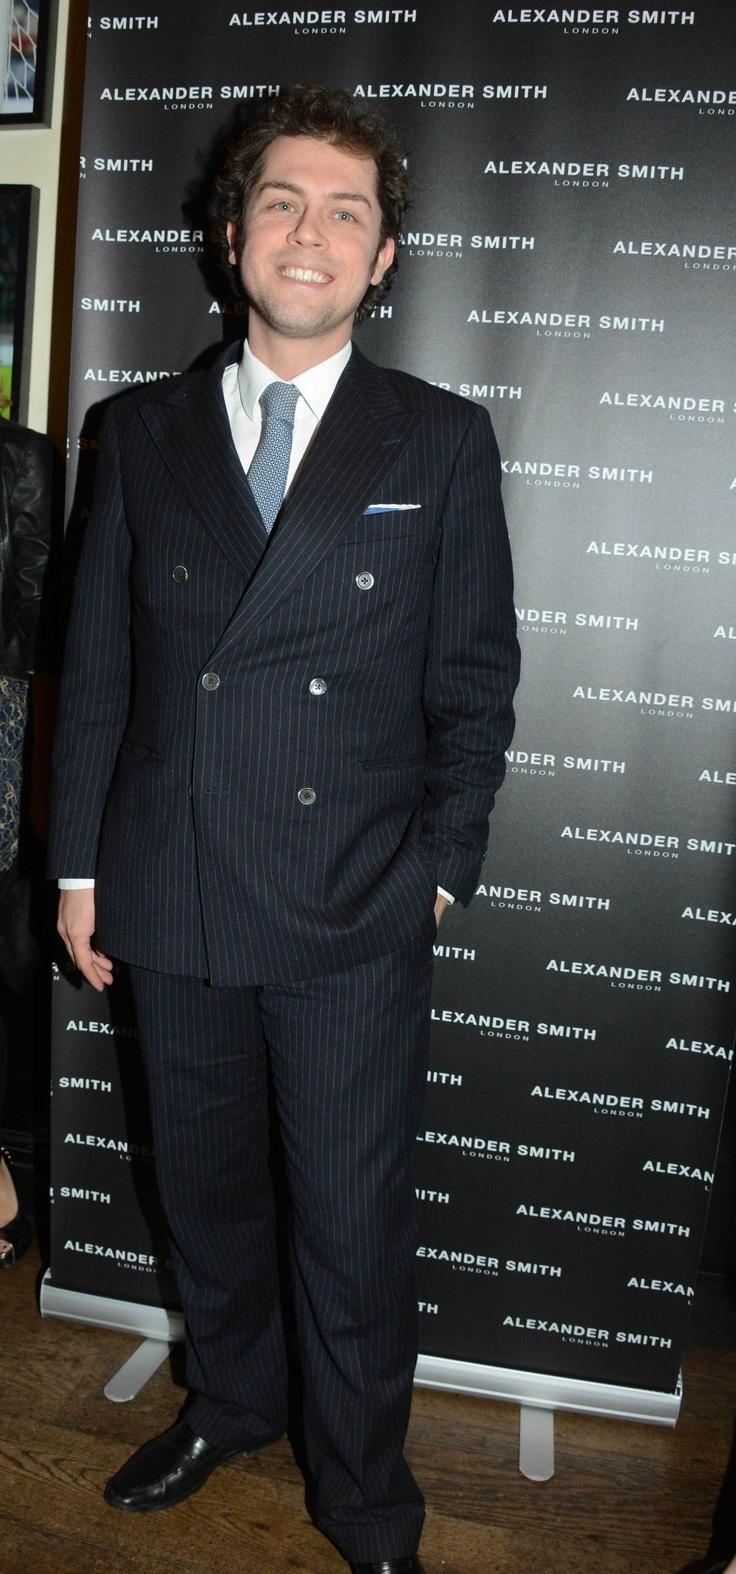 Raffaello Tonon, Alexander Smith London, party, febbraio 2013, evento